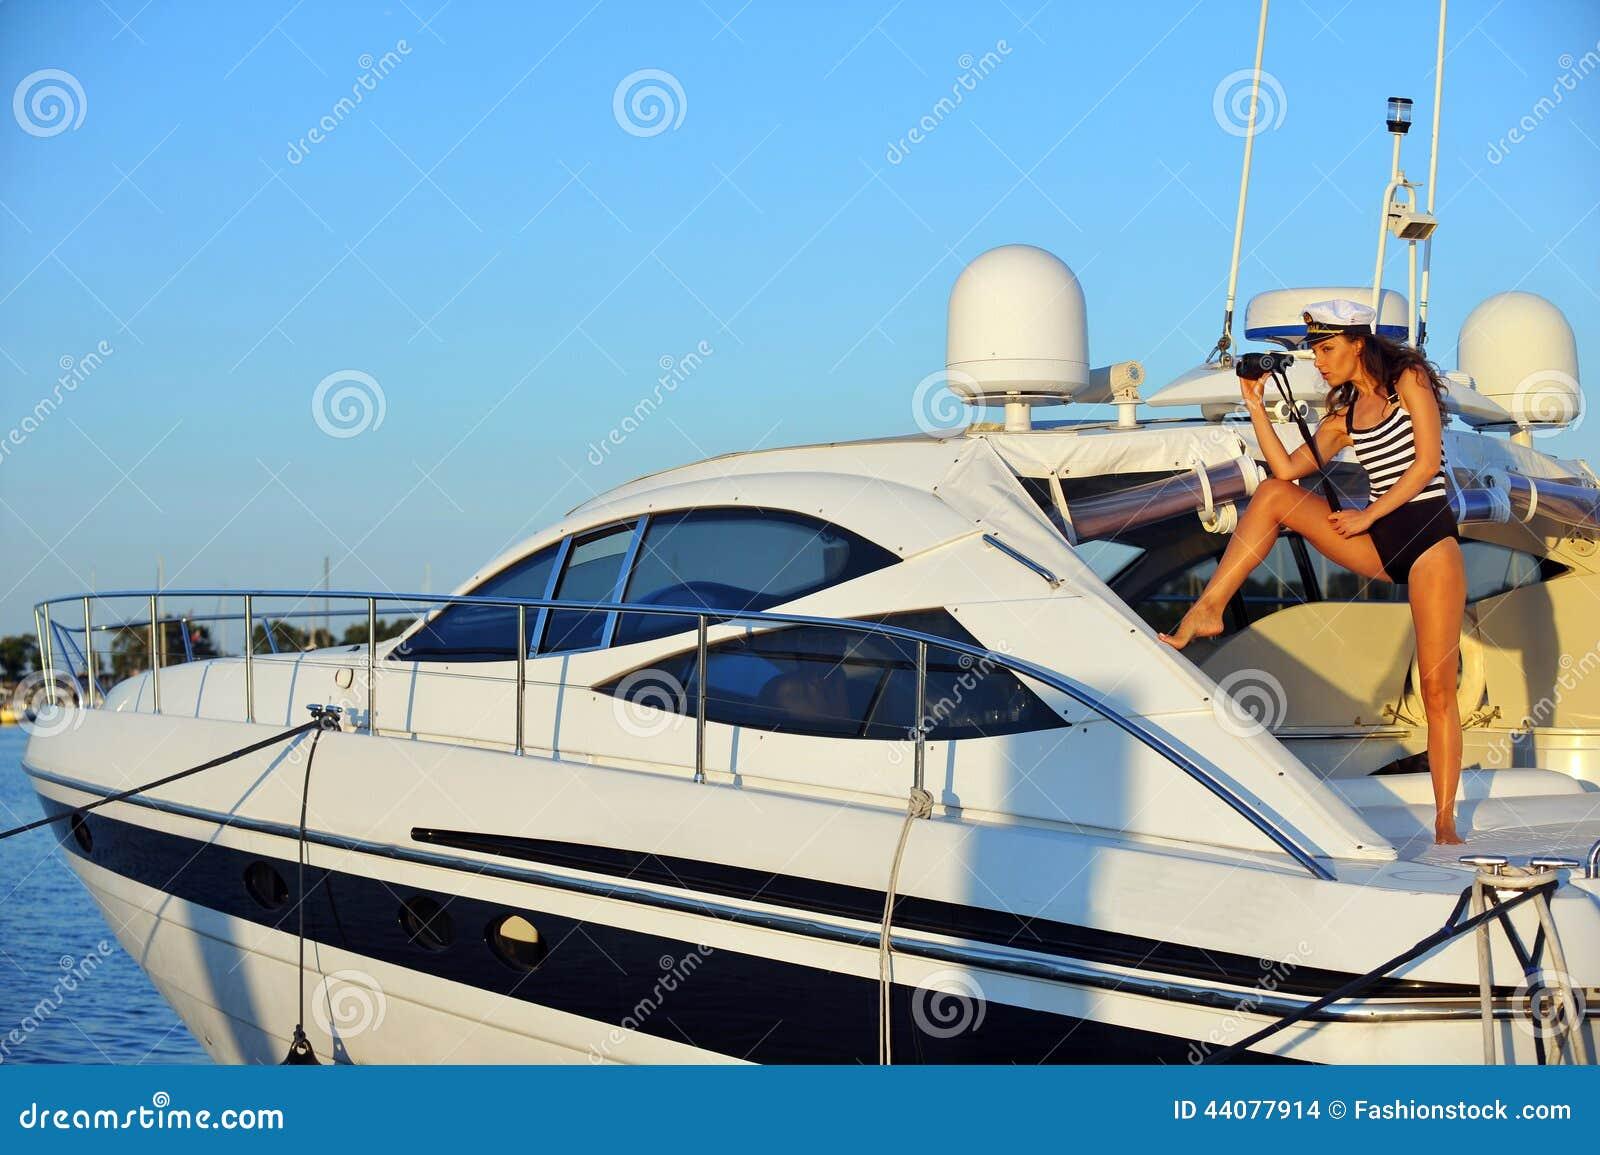 Brunette in a yacht - 2 8